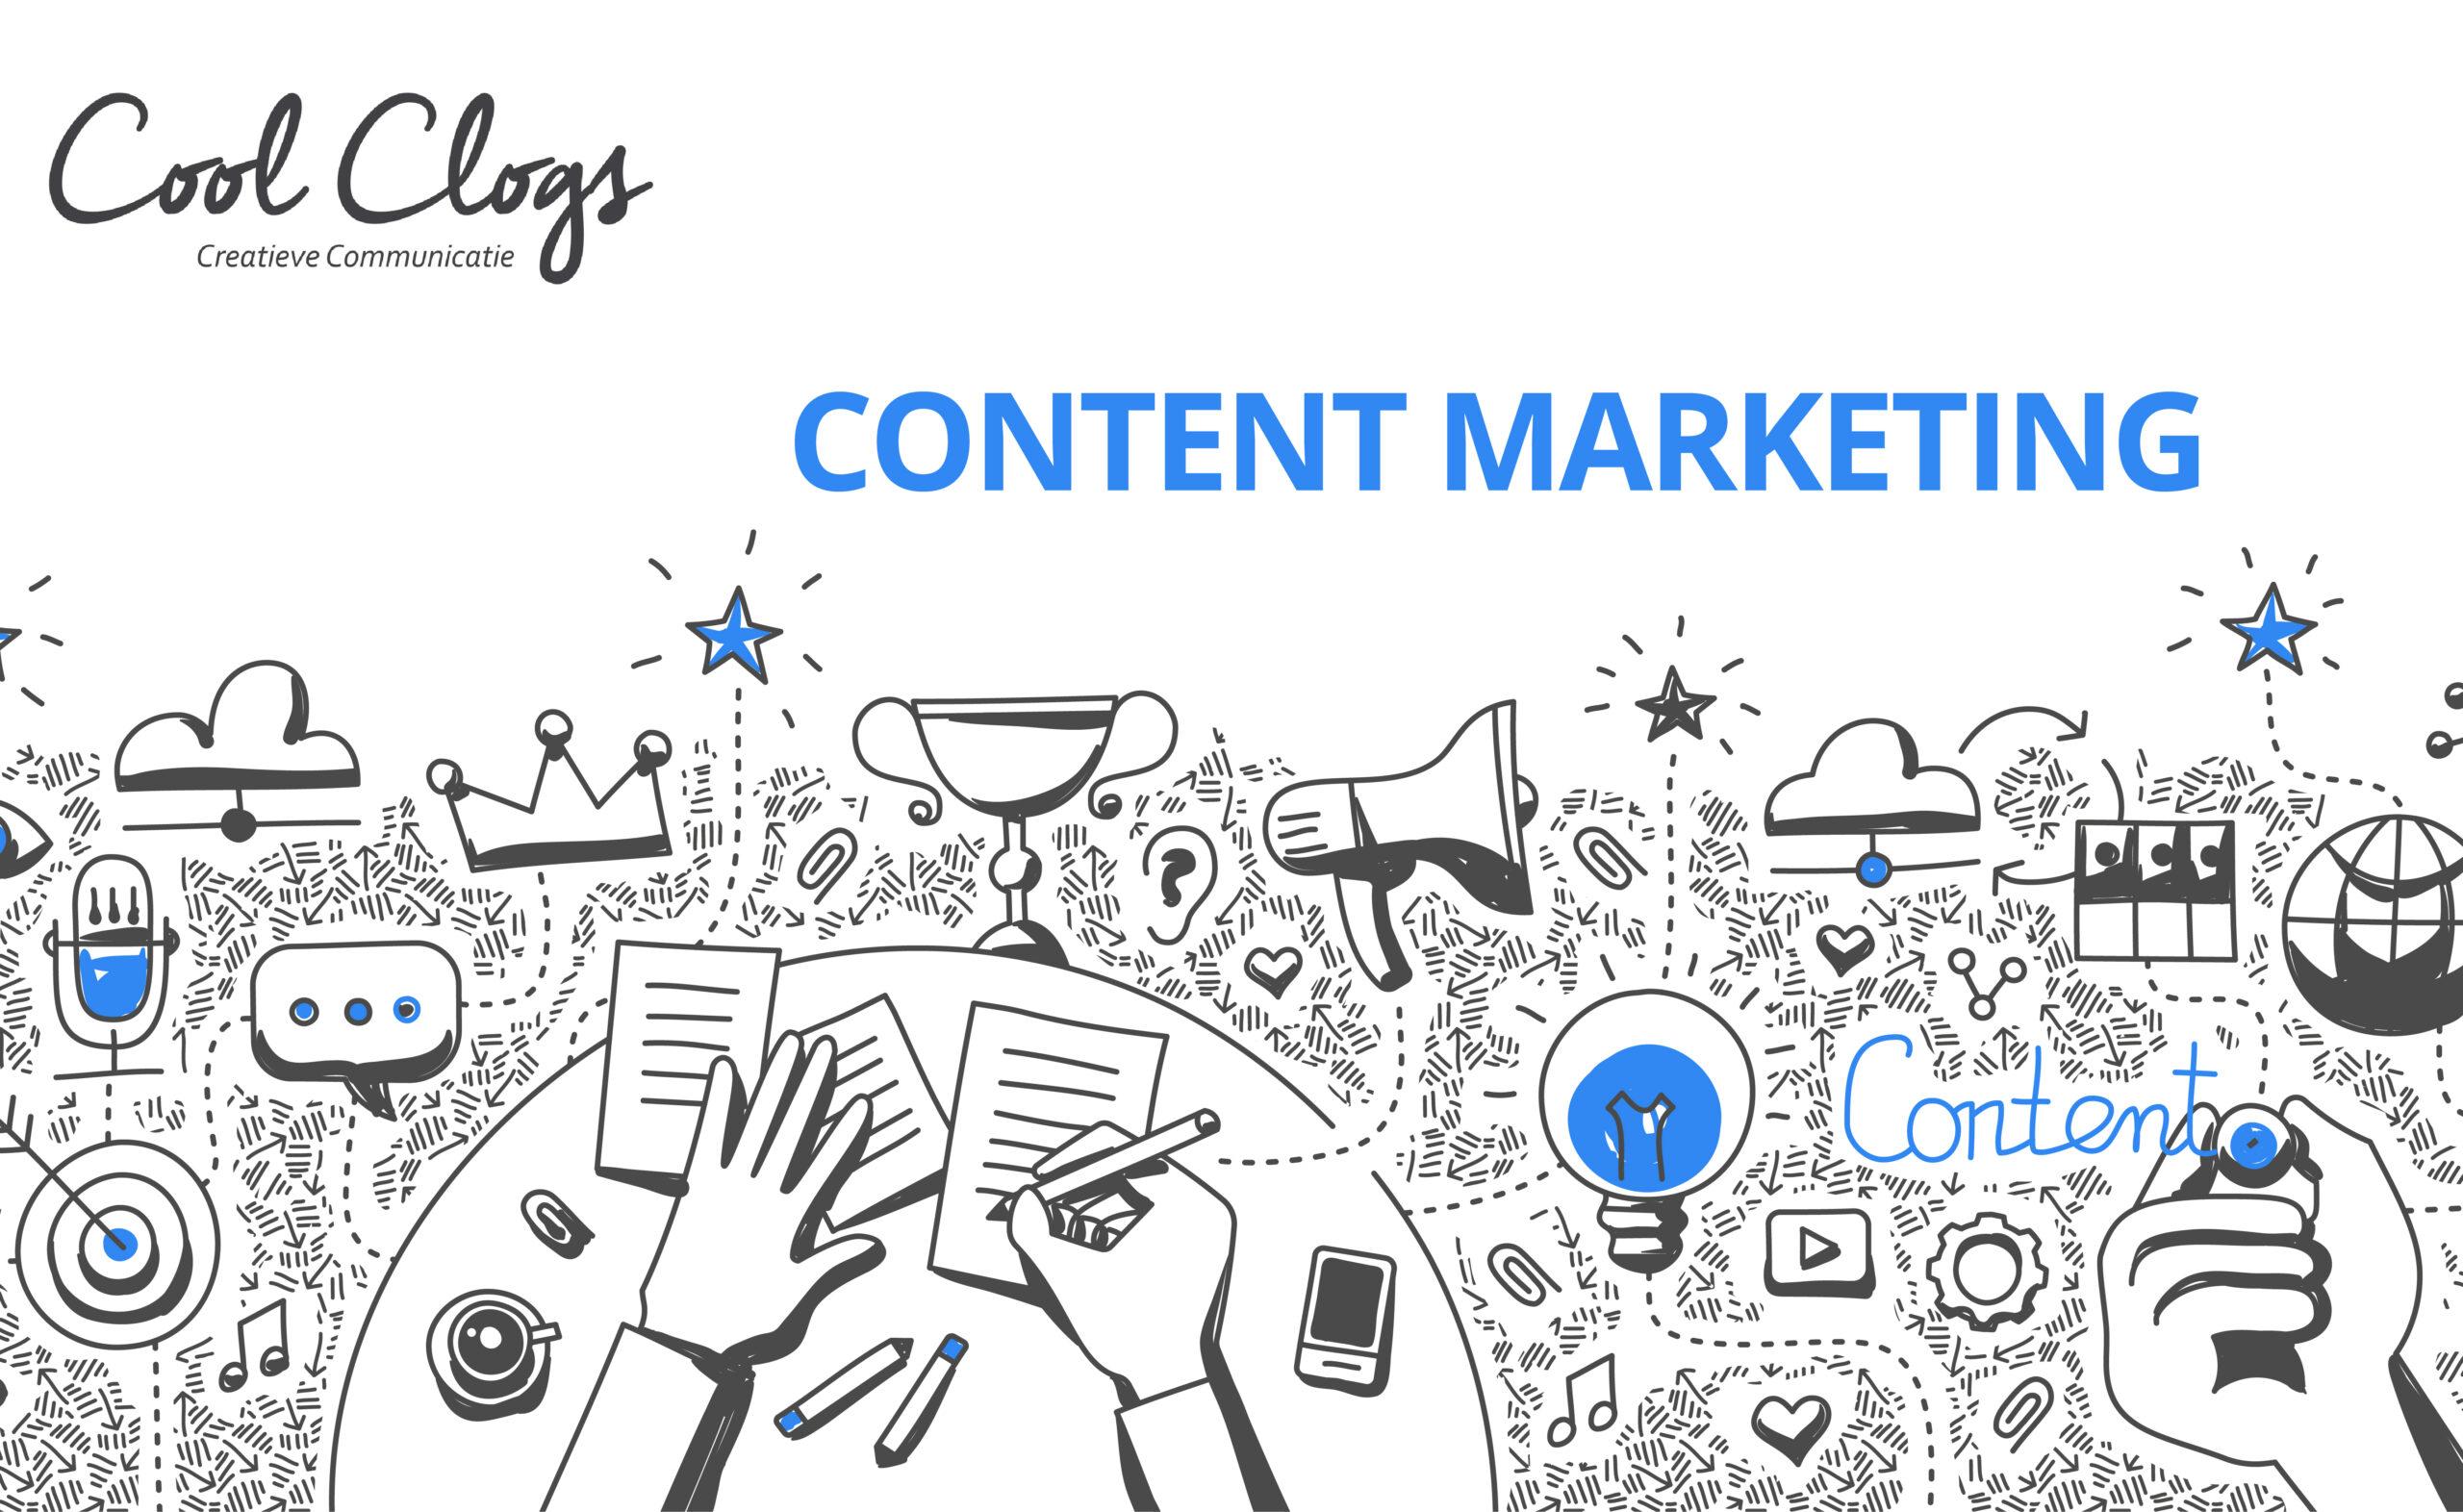 contentmarketing belang goede content